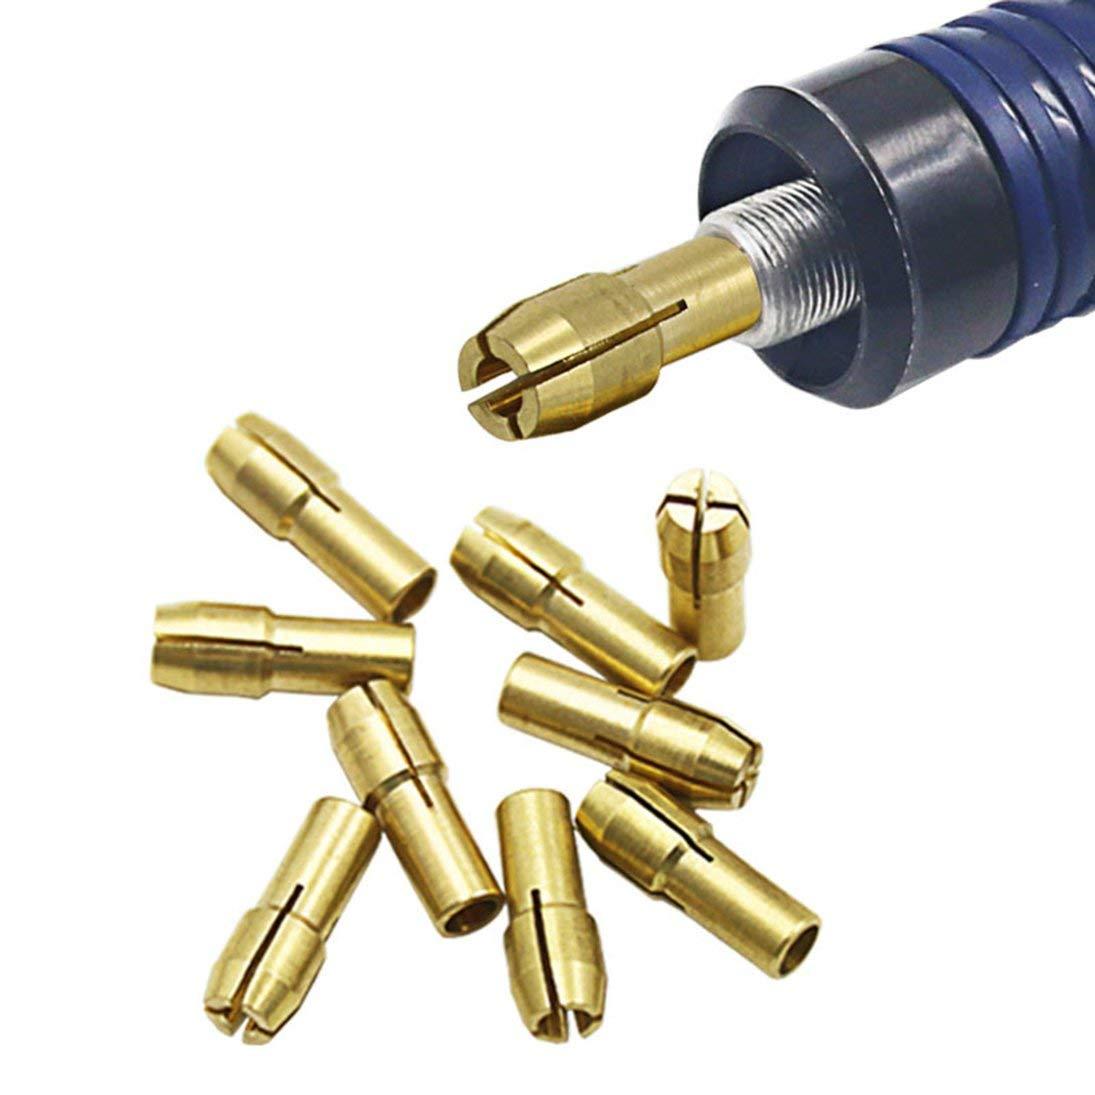 WEIHAN 10PCS Pinzas de perforaci/ón 0.5-3.2mm Amoladora el/éctrica Taladro Carpeta Collet de cobre Cobre Chuck Cap Collet Eje Taladro Collet Kit de herramientas Color de cobre